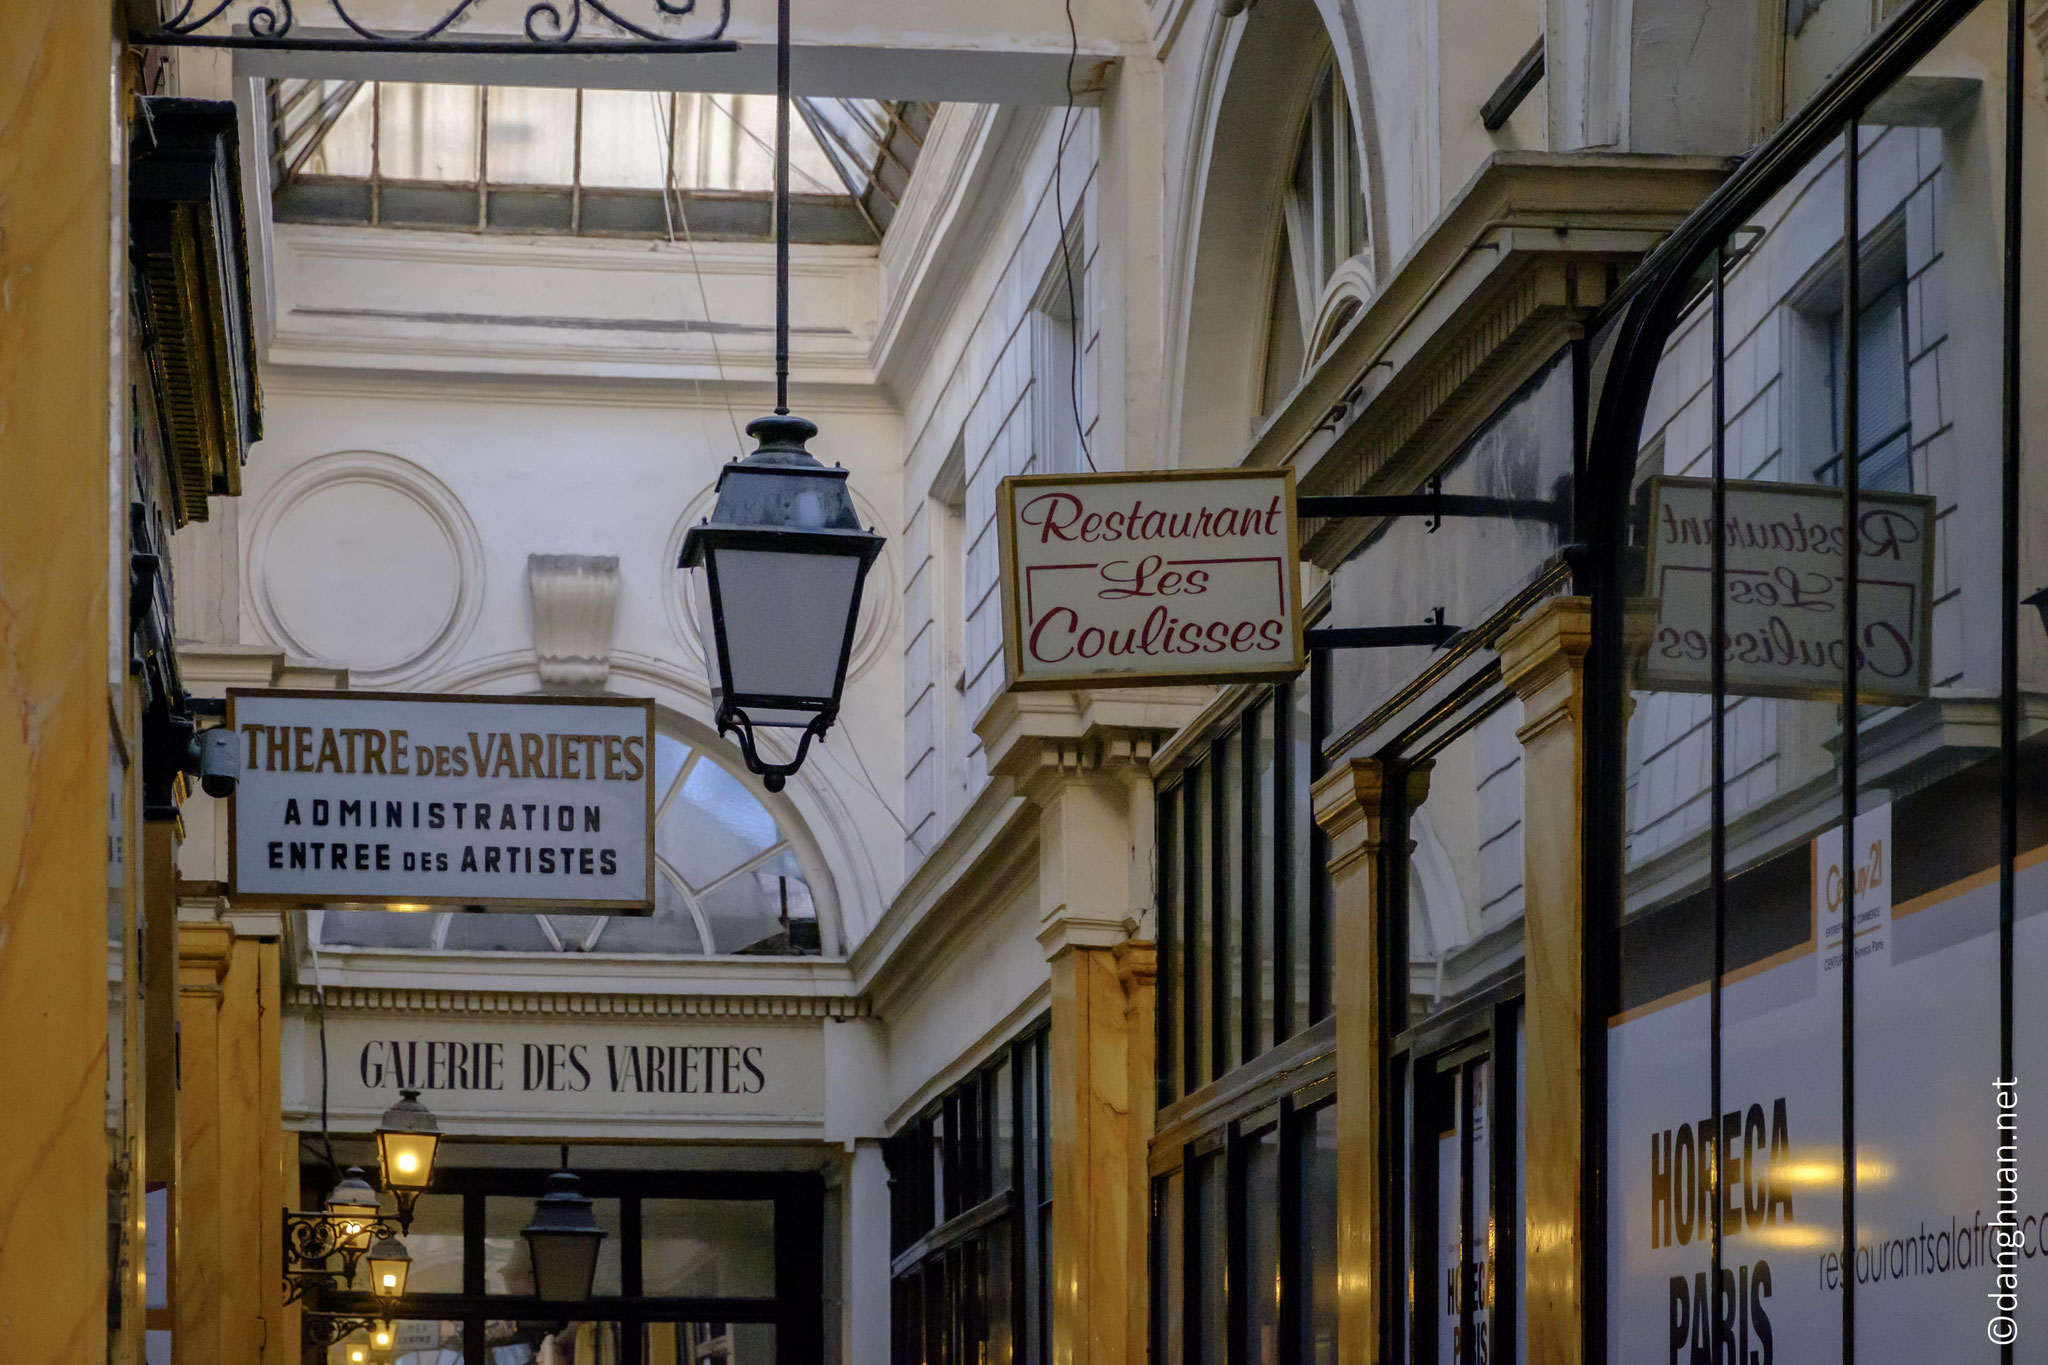 de l'entrée des artistes du théâtre des Variétés...